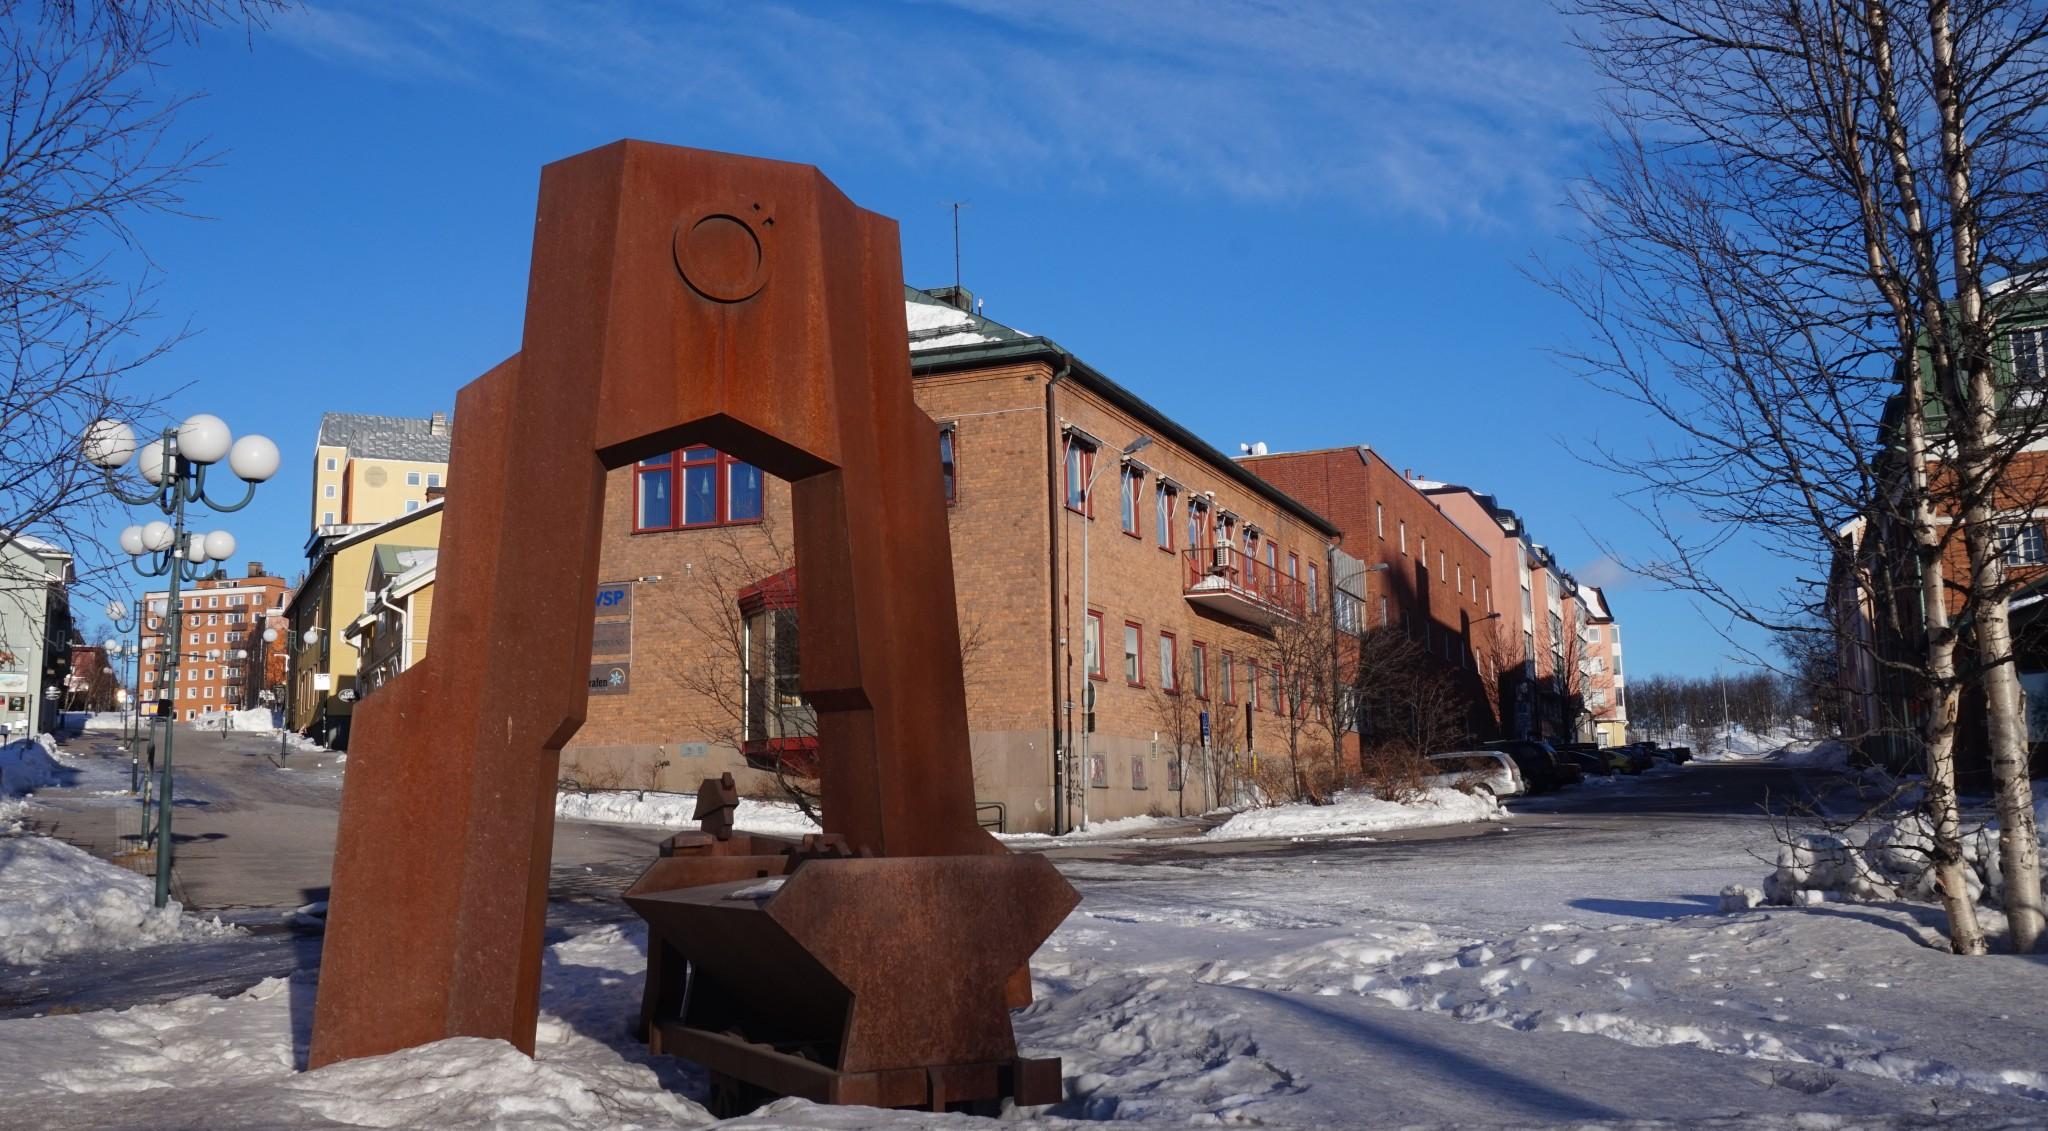 Kaupungin muistomerkit kertovat myös kaivoksesta.